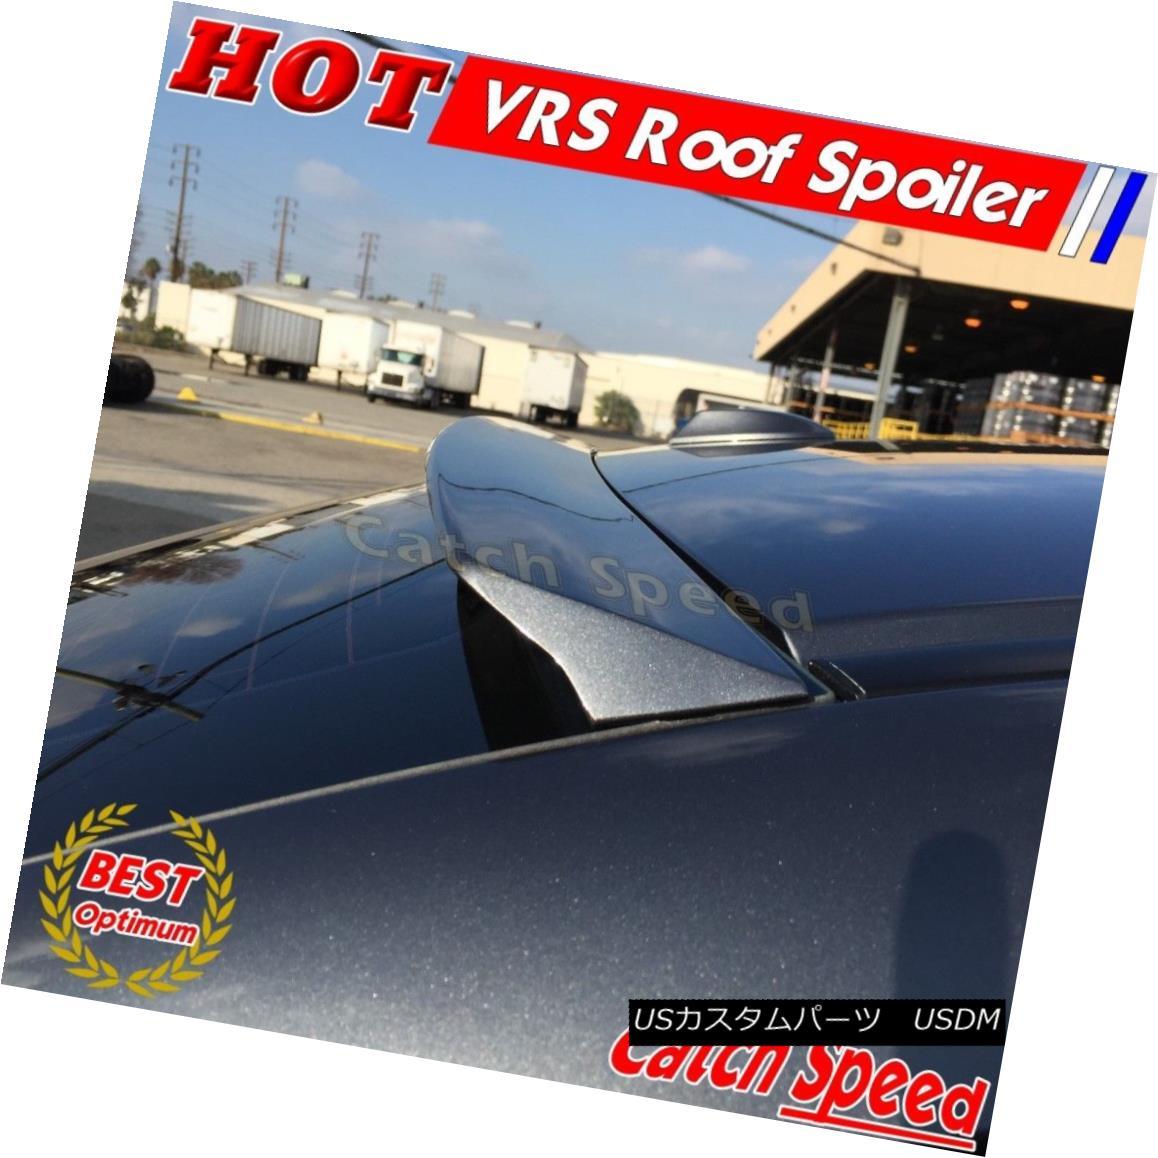 エアロパーツ Flat Black VRS Rear Window Roof Spoiler Wing For 7 series BMW F01 Sedan 2009~11 フラットブラックVRSリアウィンドウルーフスポイラーウイング7シリーズ用BMW F01セダン2009?11